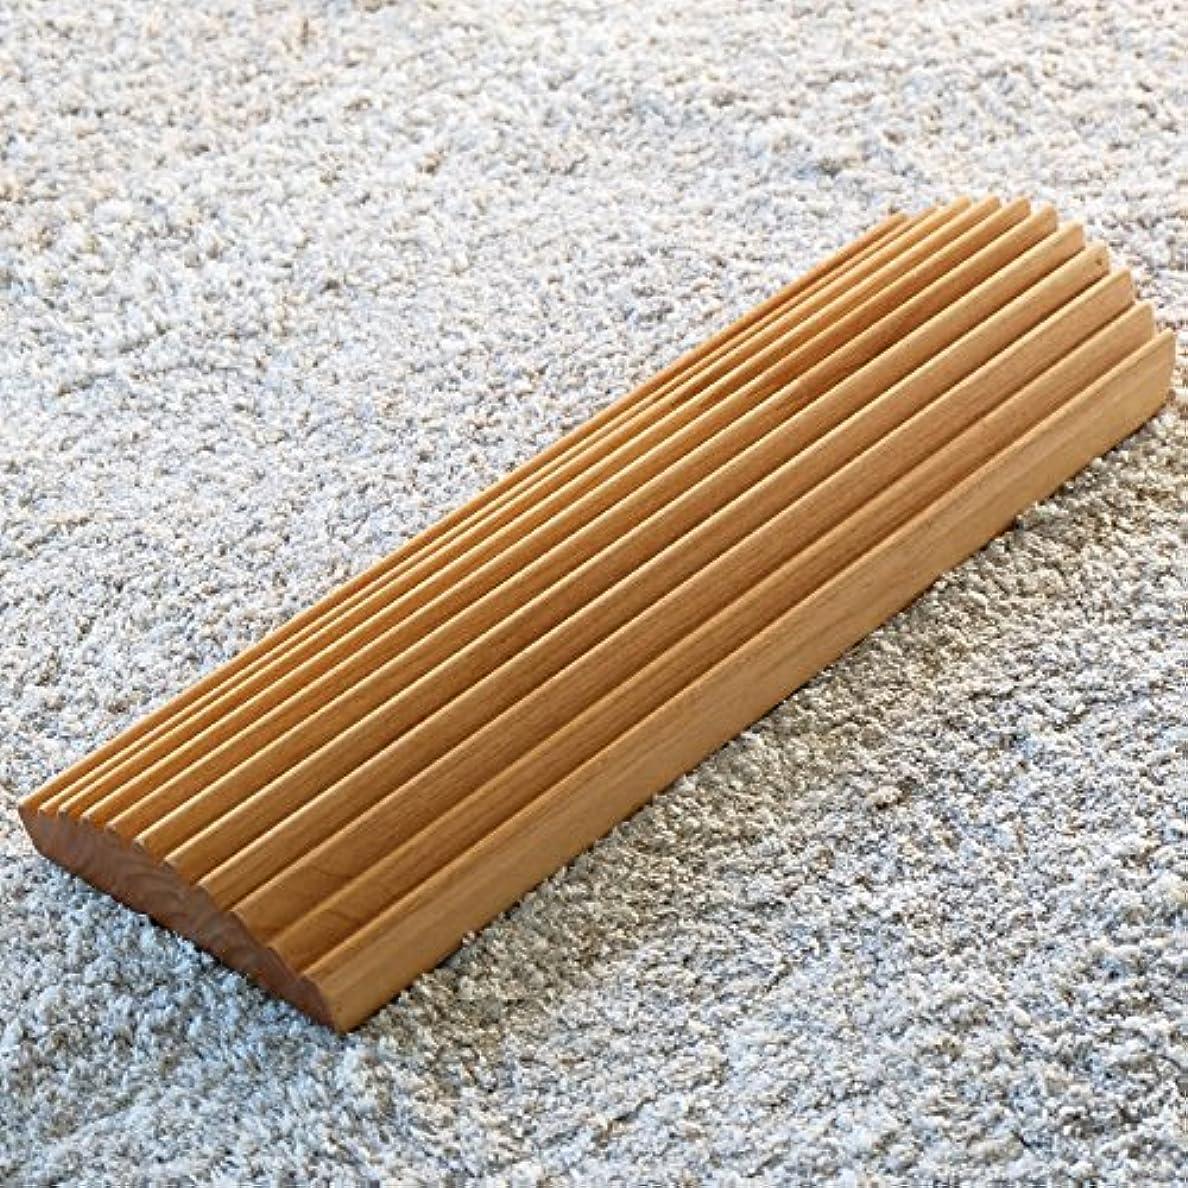 ほこりっぽい誠実さ病者ISSEIKI 足踏み アルダー材 幅40cm FIT ASIFUMI 40 (NA) フットケア 木製 おしゃれ プレゼント 指圧代用 FIT ASIFUMI 40 (AL-NA)